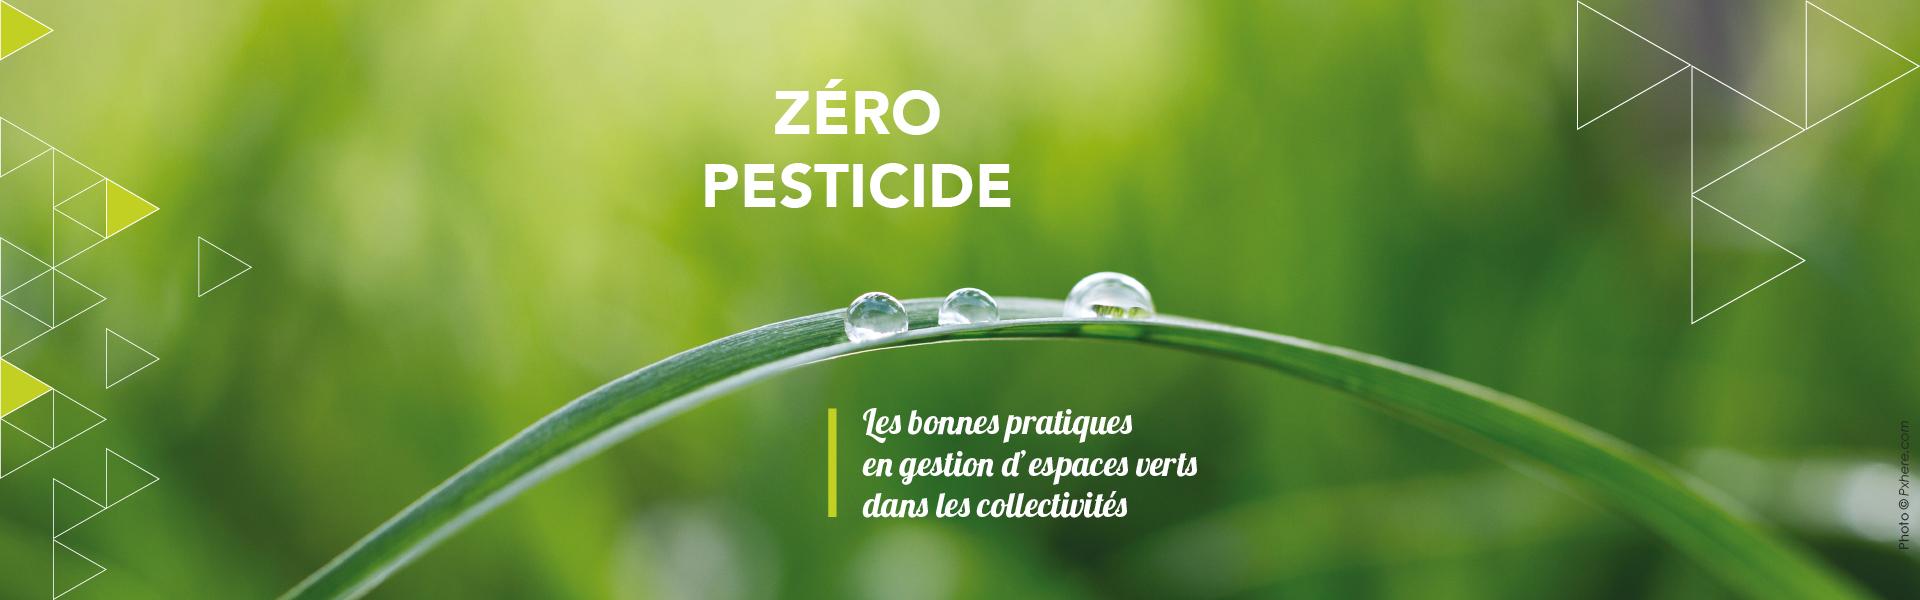 Votre commune n'utilise plus de pesticides...et vous ?